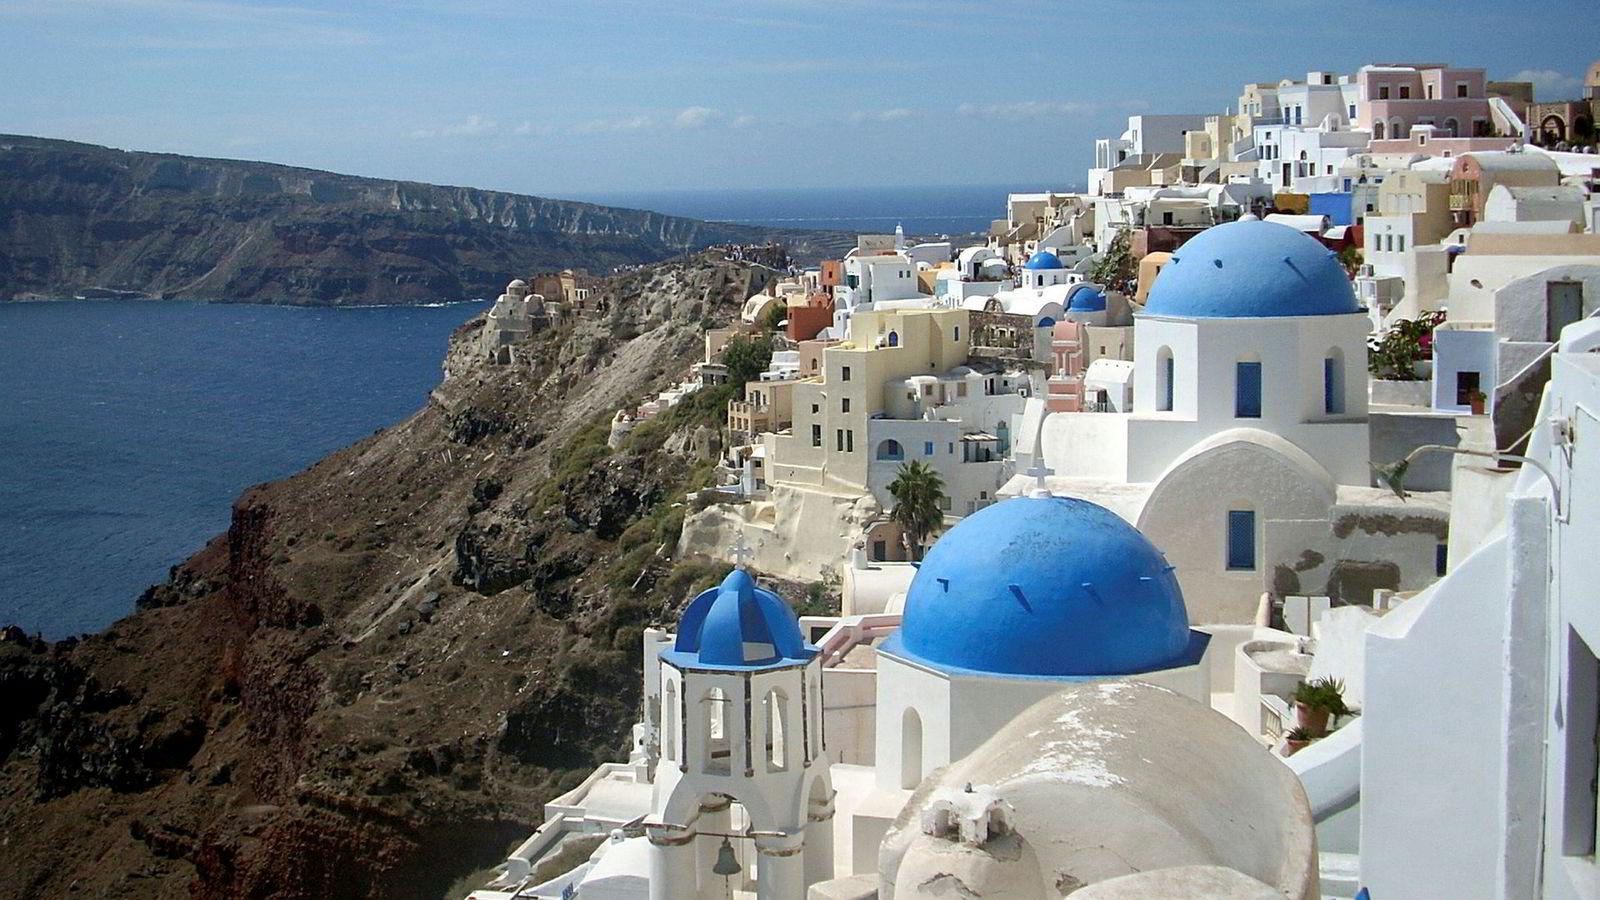 Tesla vil bidra til grønn omstilling av strømforsyningen på de greske øyene. Bildet er fra øya Santorini.